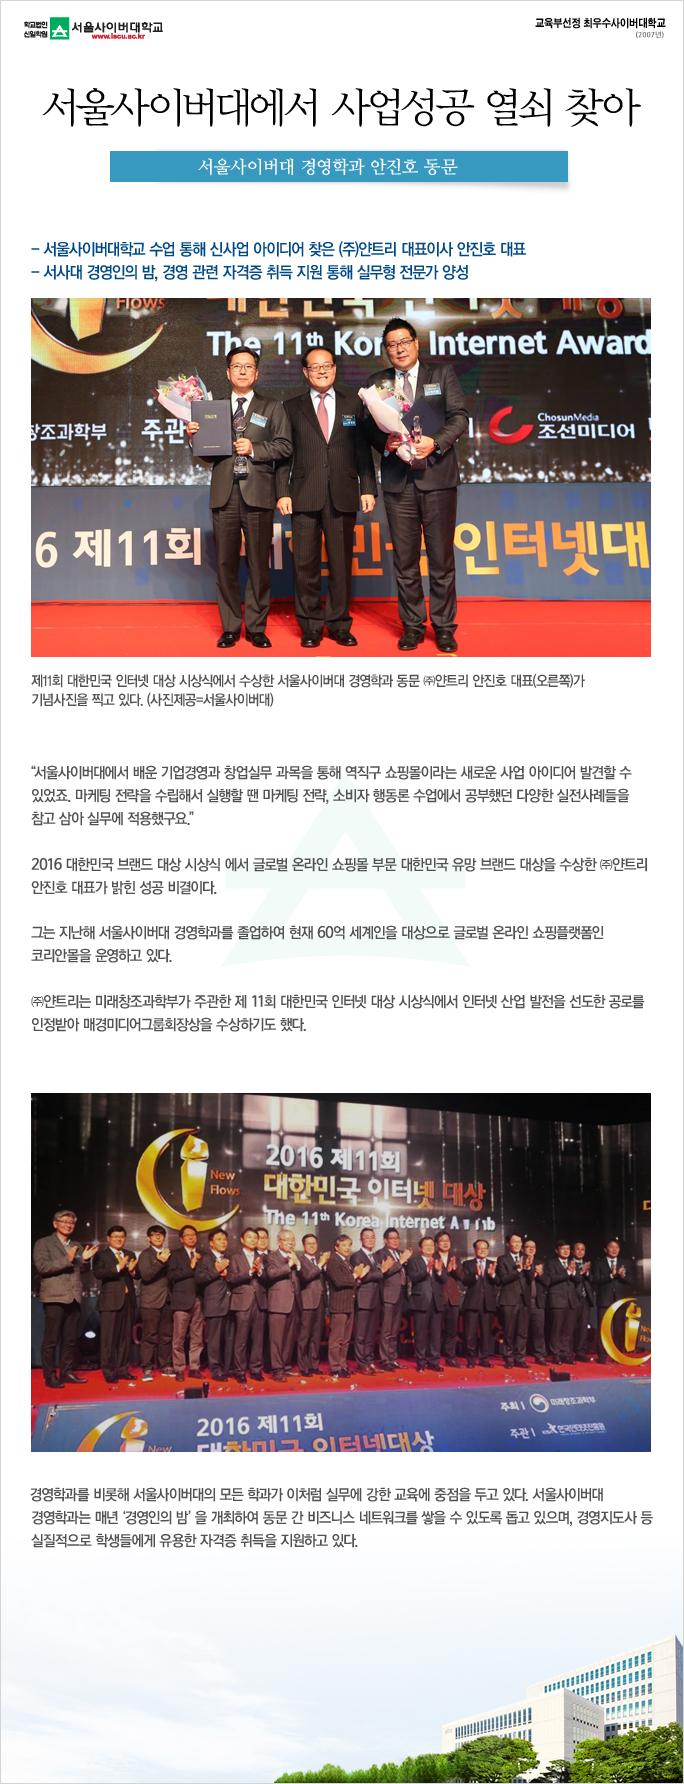 안진호동문 - 서울사이버대에서 사업성공 열쇠 찾아